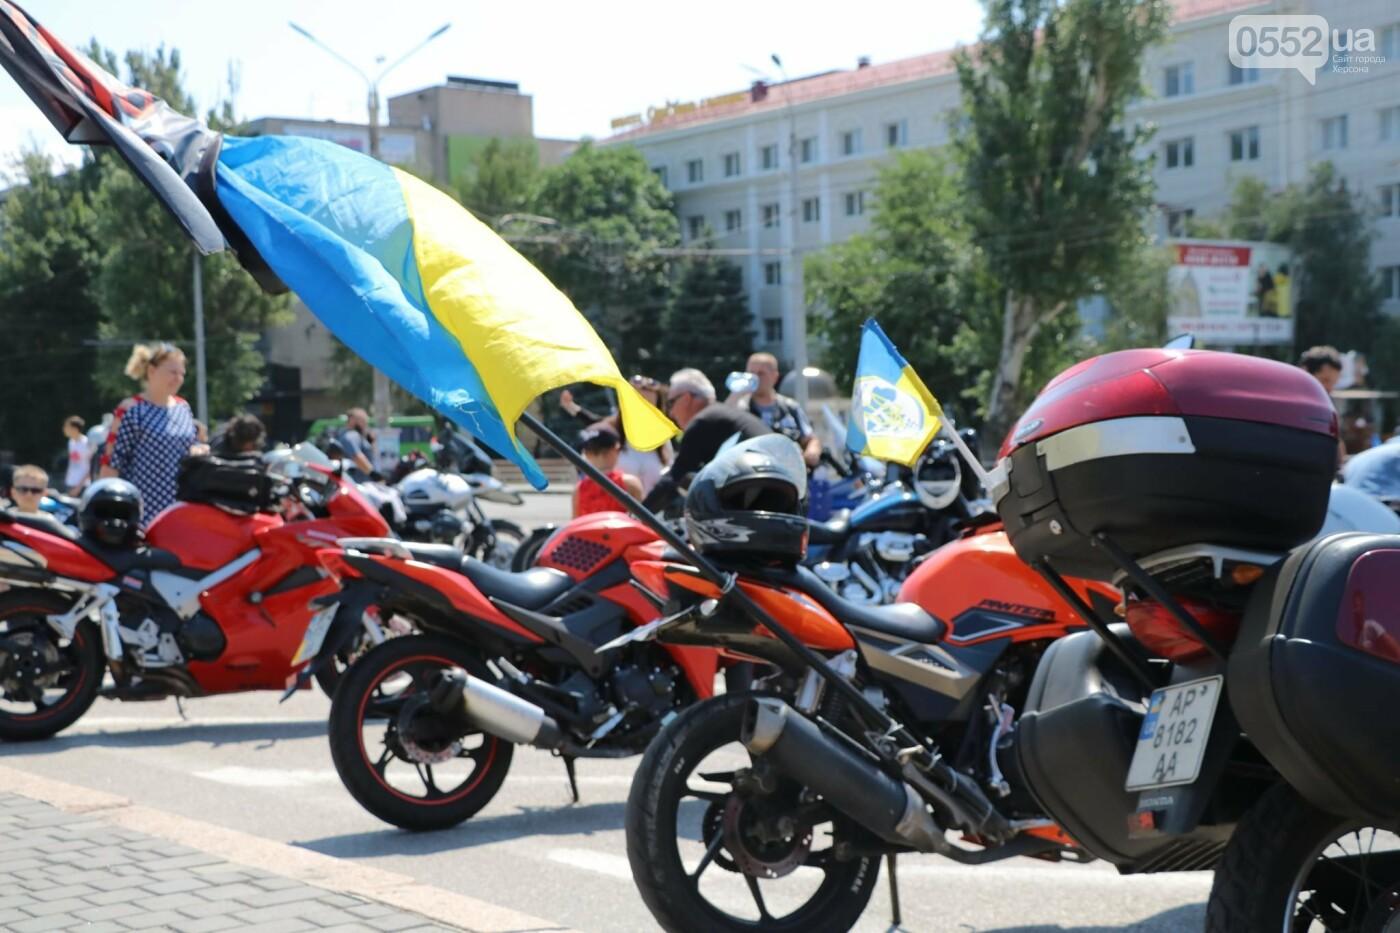 Байкеры на Херсонщине: «Мотопробег единства-2020» едет к границе, фото-6